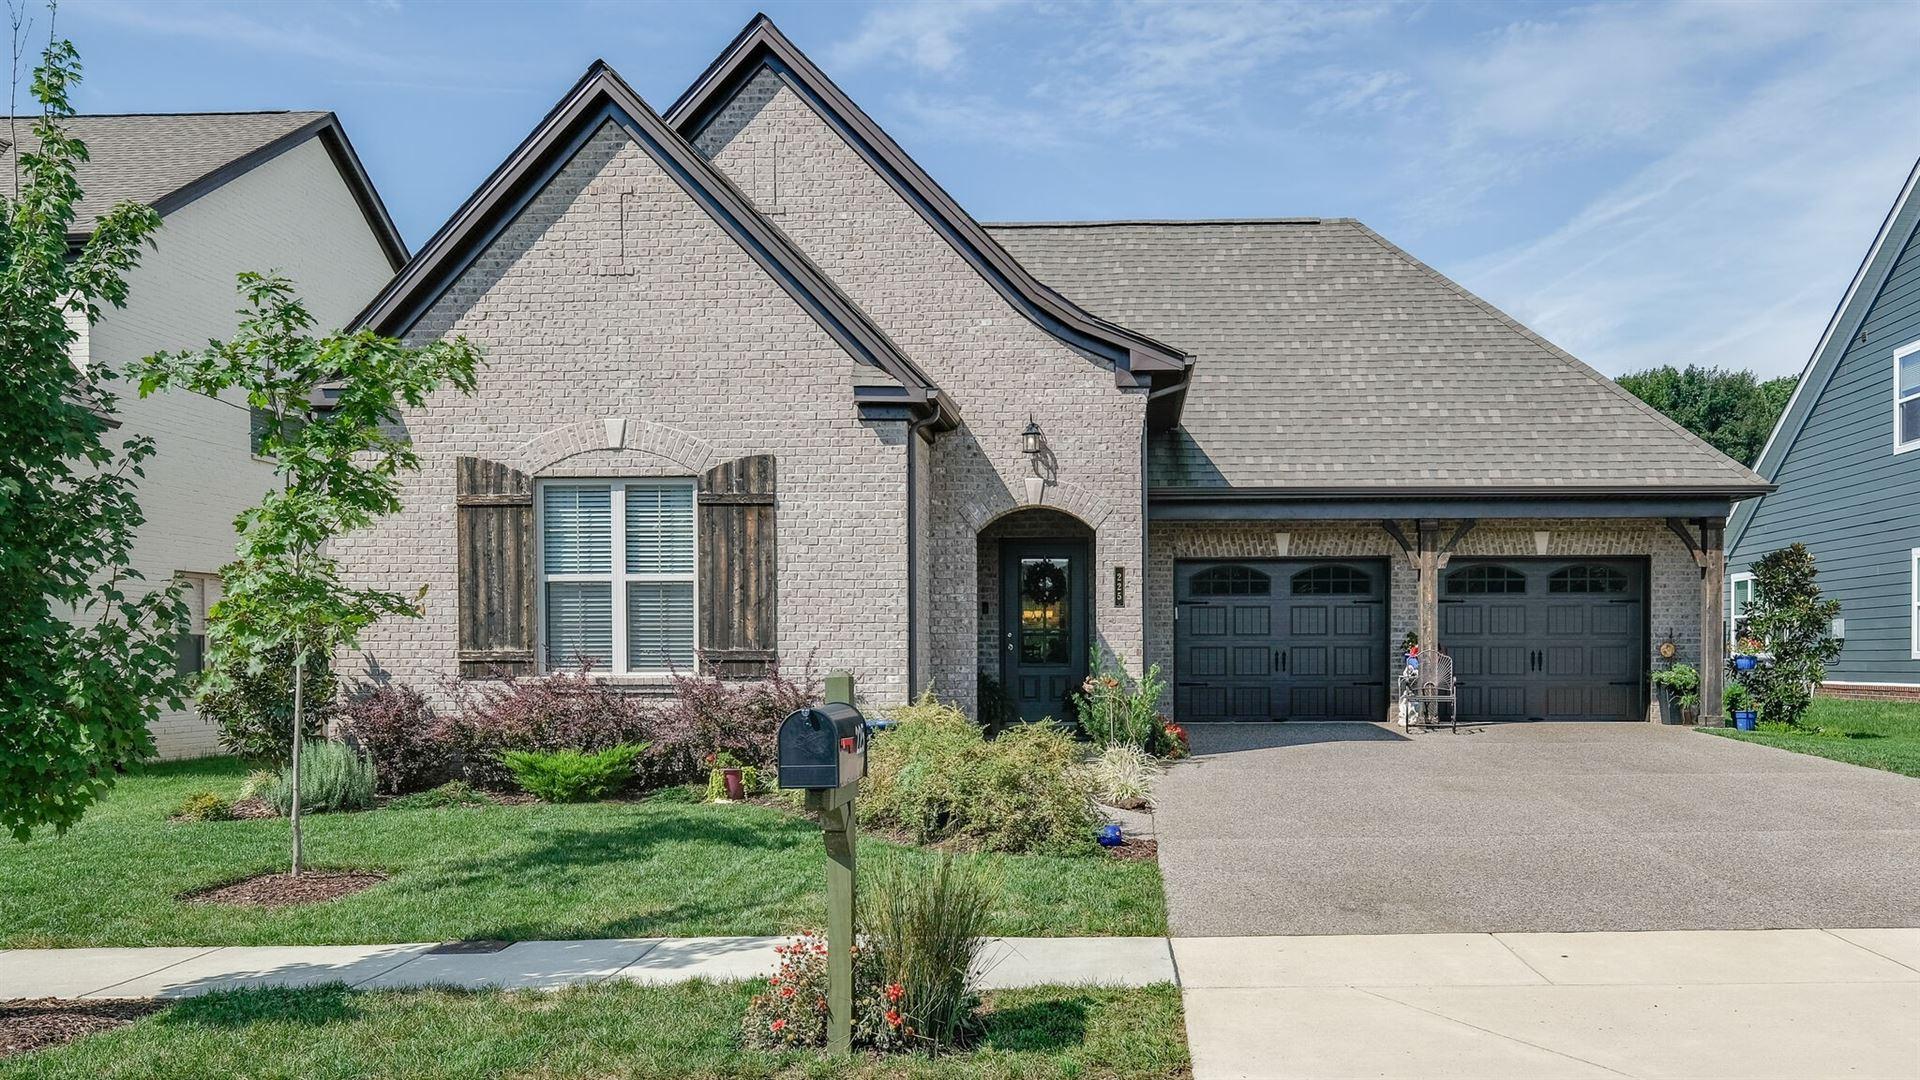 225 Bent Creek Trce, Nolensville, TN 37135 - MLS#: 2192297